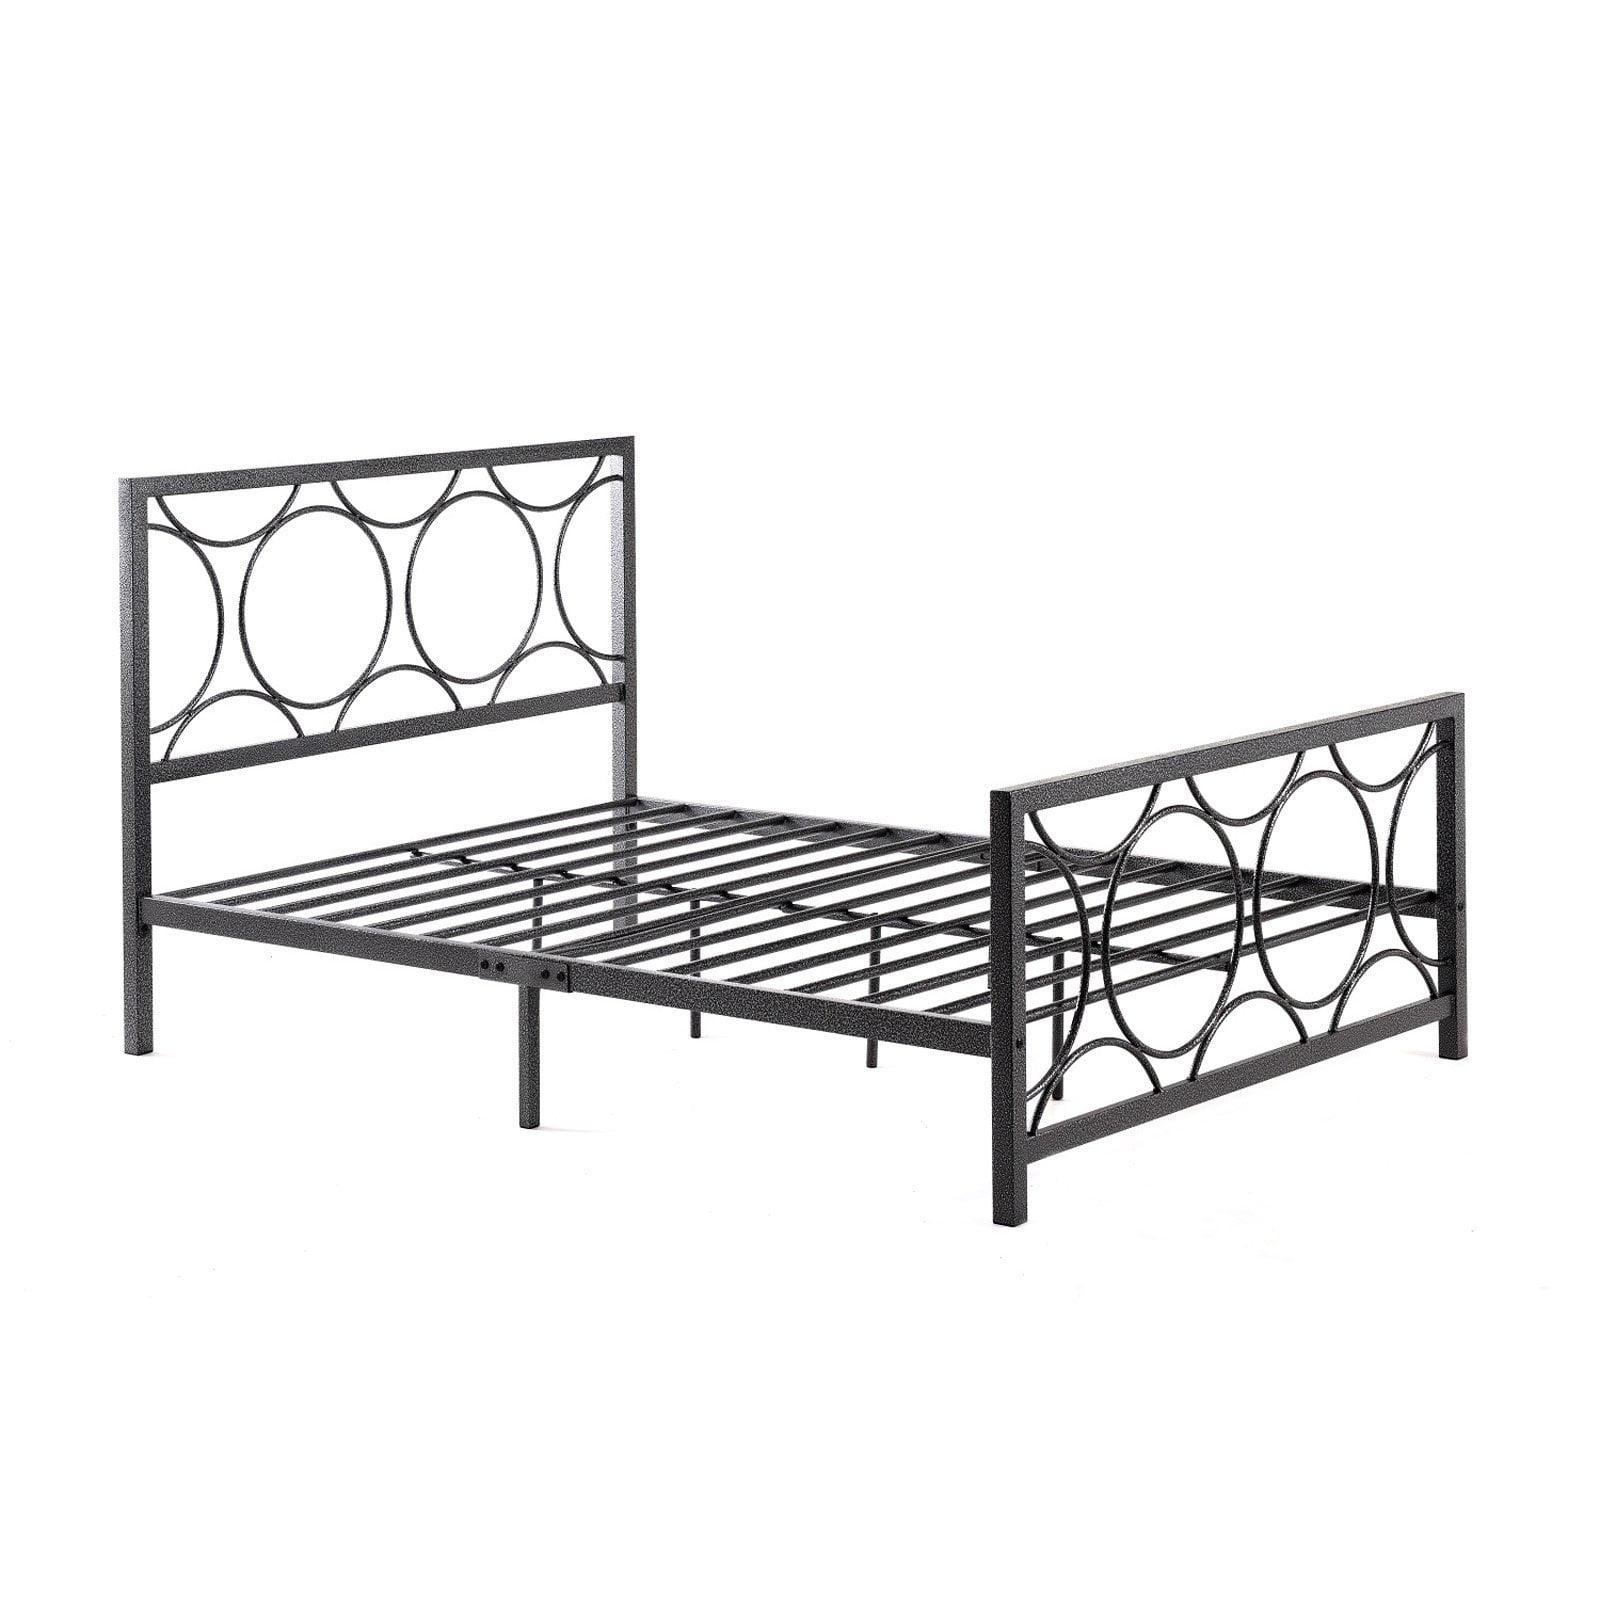 Hodedah Imports Spotted Metal Platform Bed